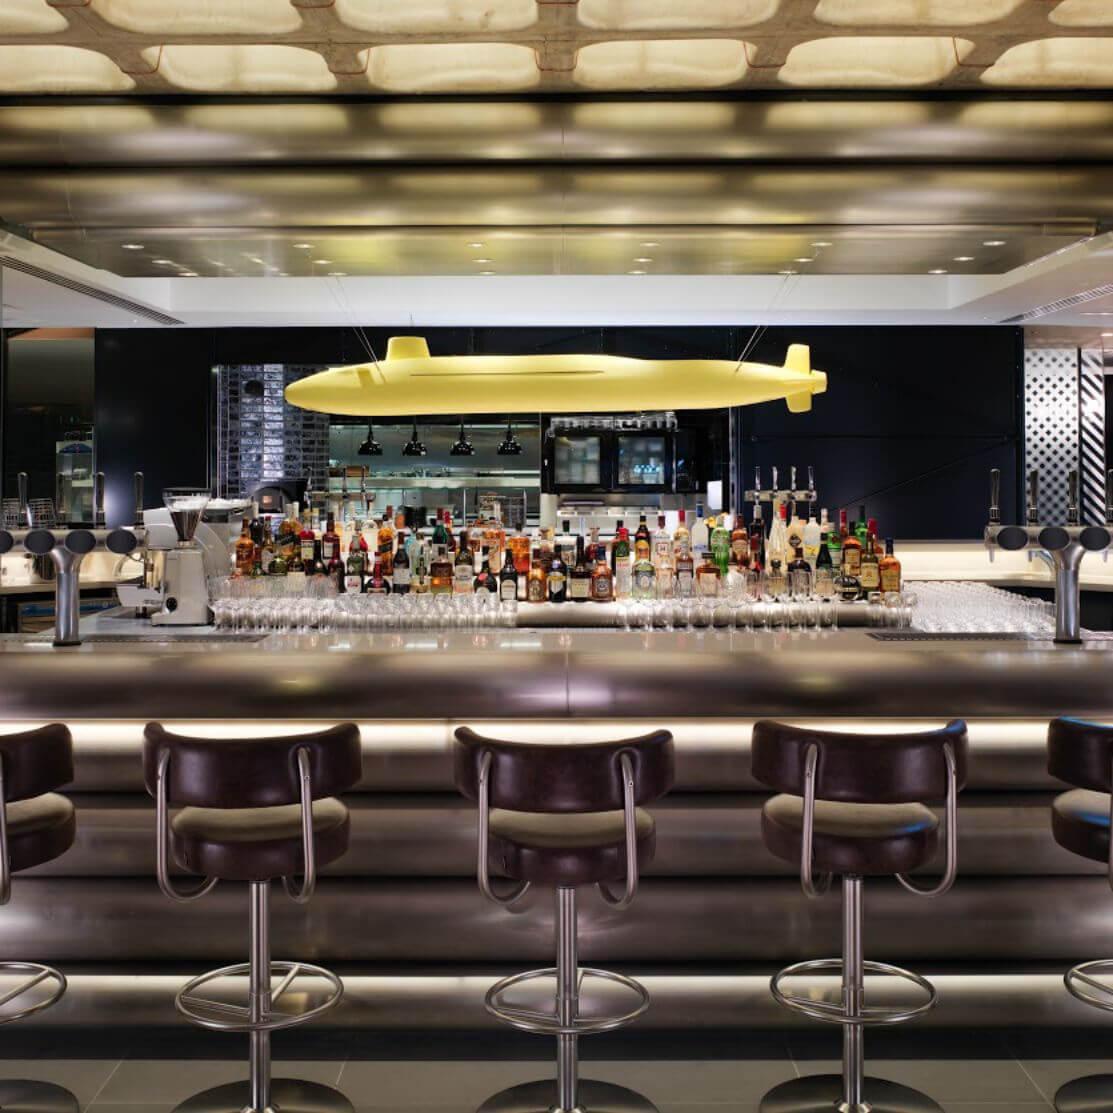 Mondrian-London-bar-area-the-ghost-group-hospitality-consultants.jpg